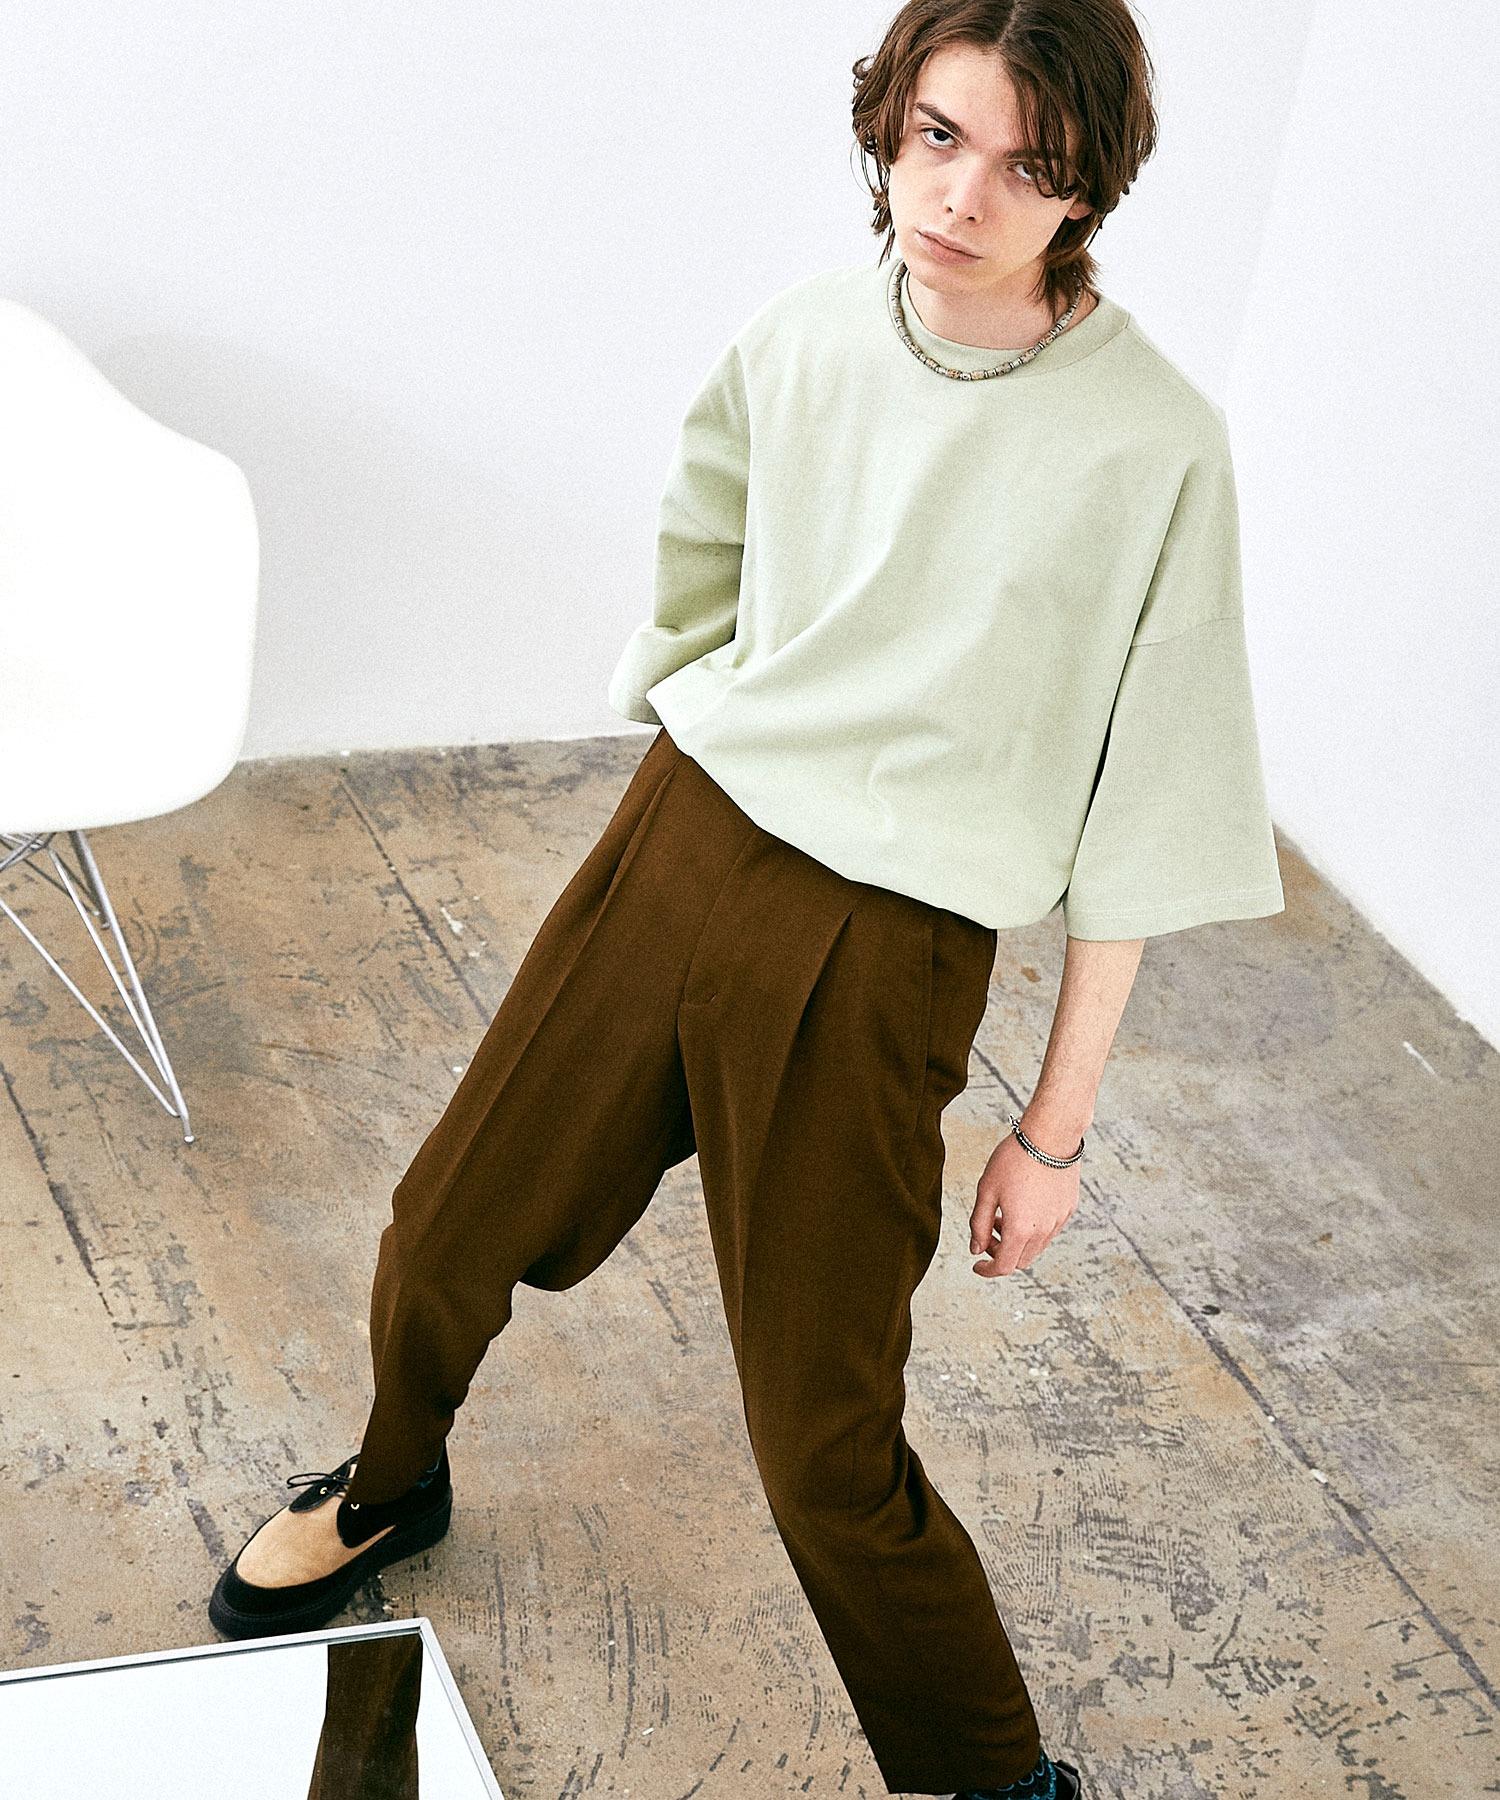 ヘビー天竺オーバーサイズS/Sカットソー EMMA CLOTHES 2021SUMMER